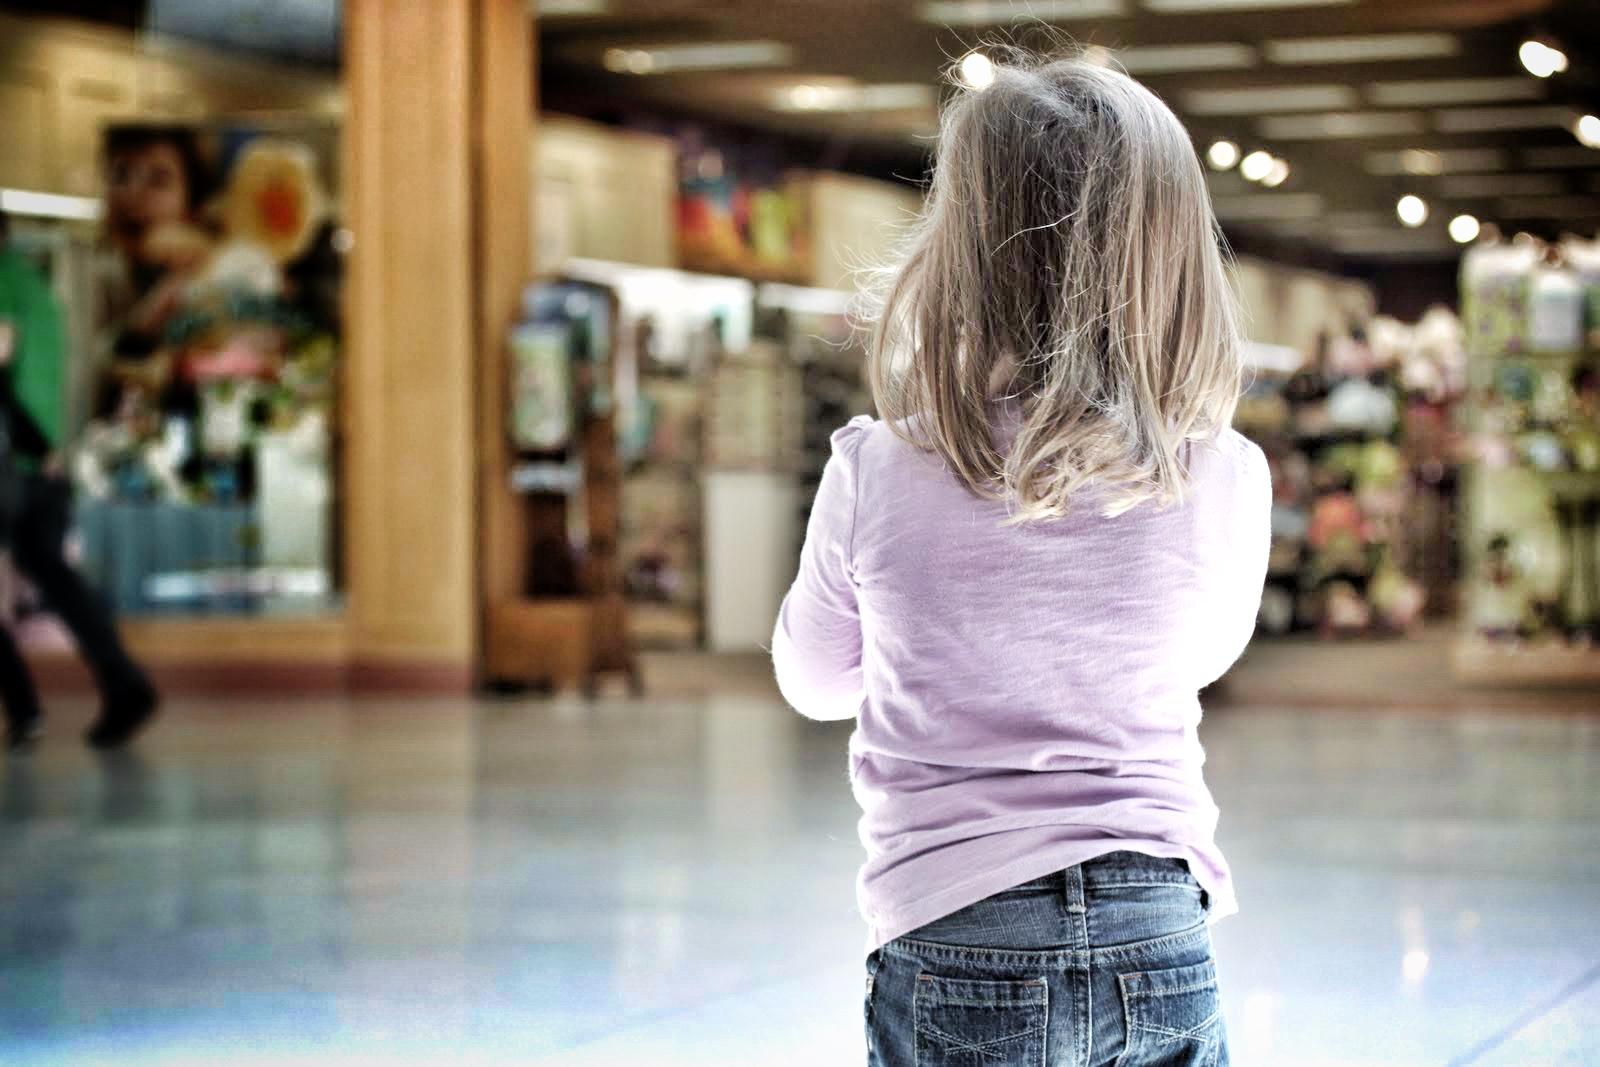 Đa số các trẻ khi bị lạc sẽ rơi vào tình trạng hoảng loạn, sợ hãi.